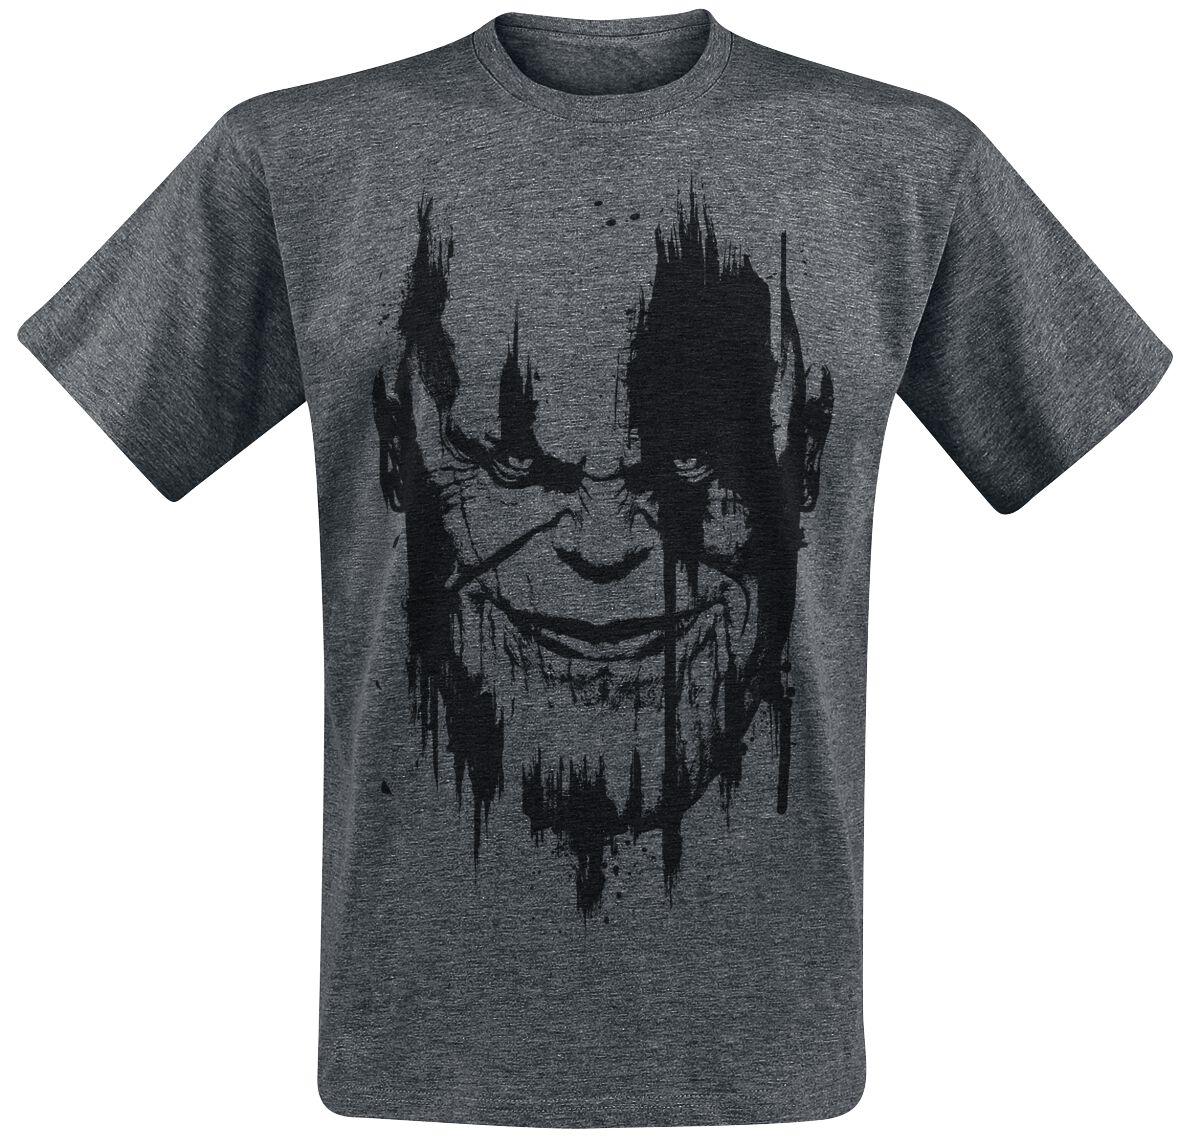 Merch dla Fanów - Koszulki - T-Shirt Avengers Infinity War - Thanos T-Shirt odcienie ciemnoszarego - 377549